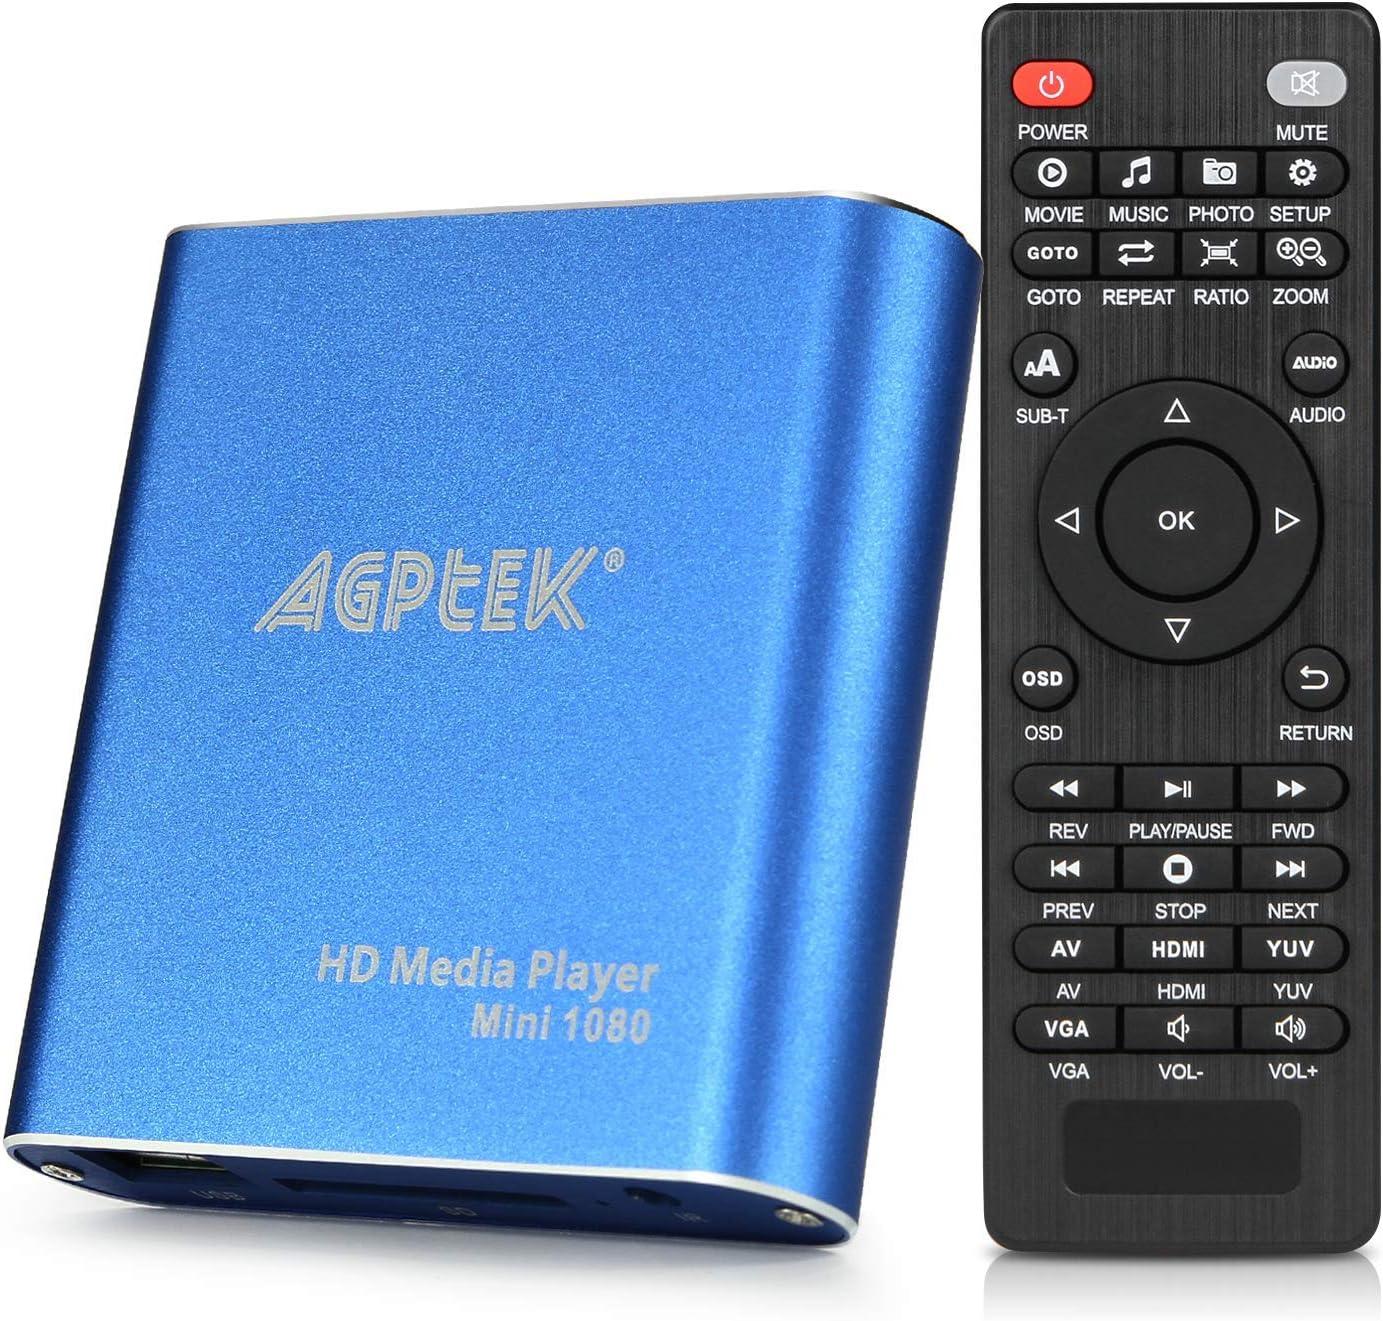 Lecteur multimédia HDMI, AGPTEK Mini Lecteur Multimédia Numérique 1080p Full HD Ultra HDMI Pour Lecteurs MKV RM HDD USB Bleu